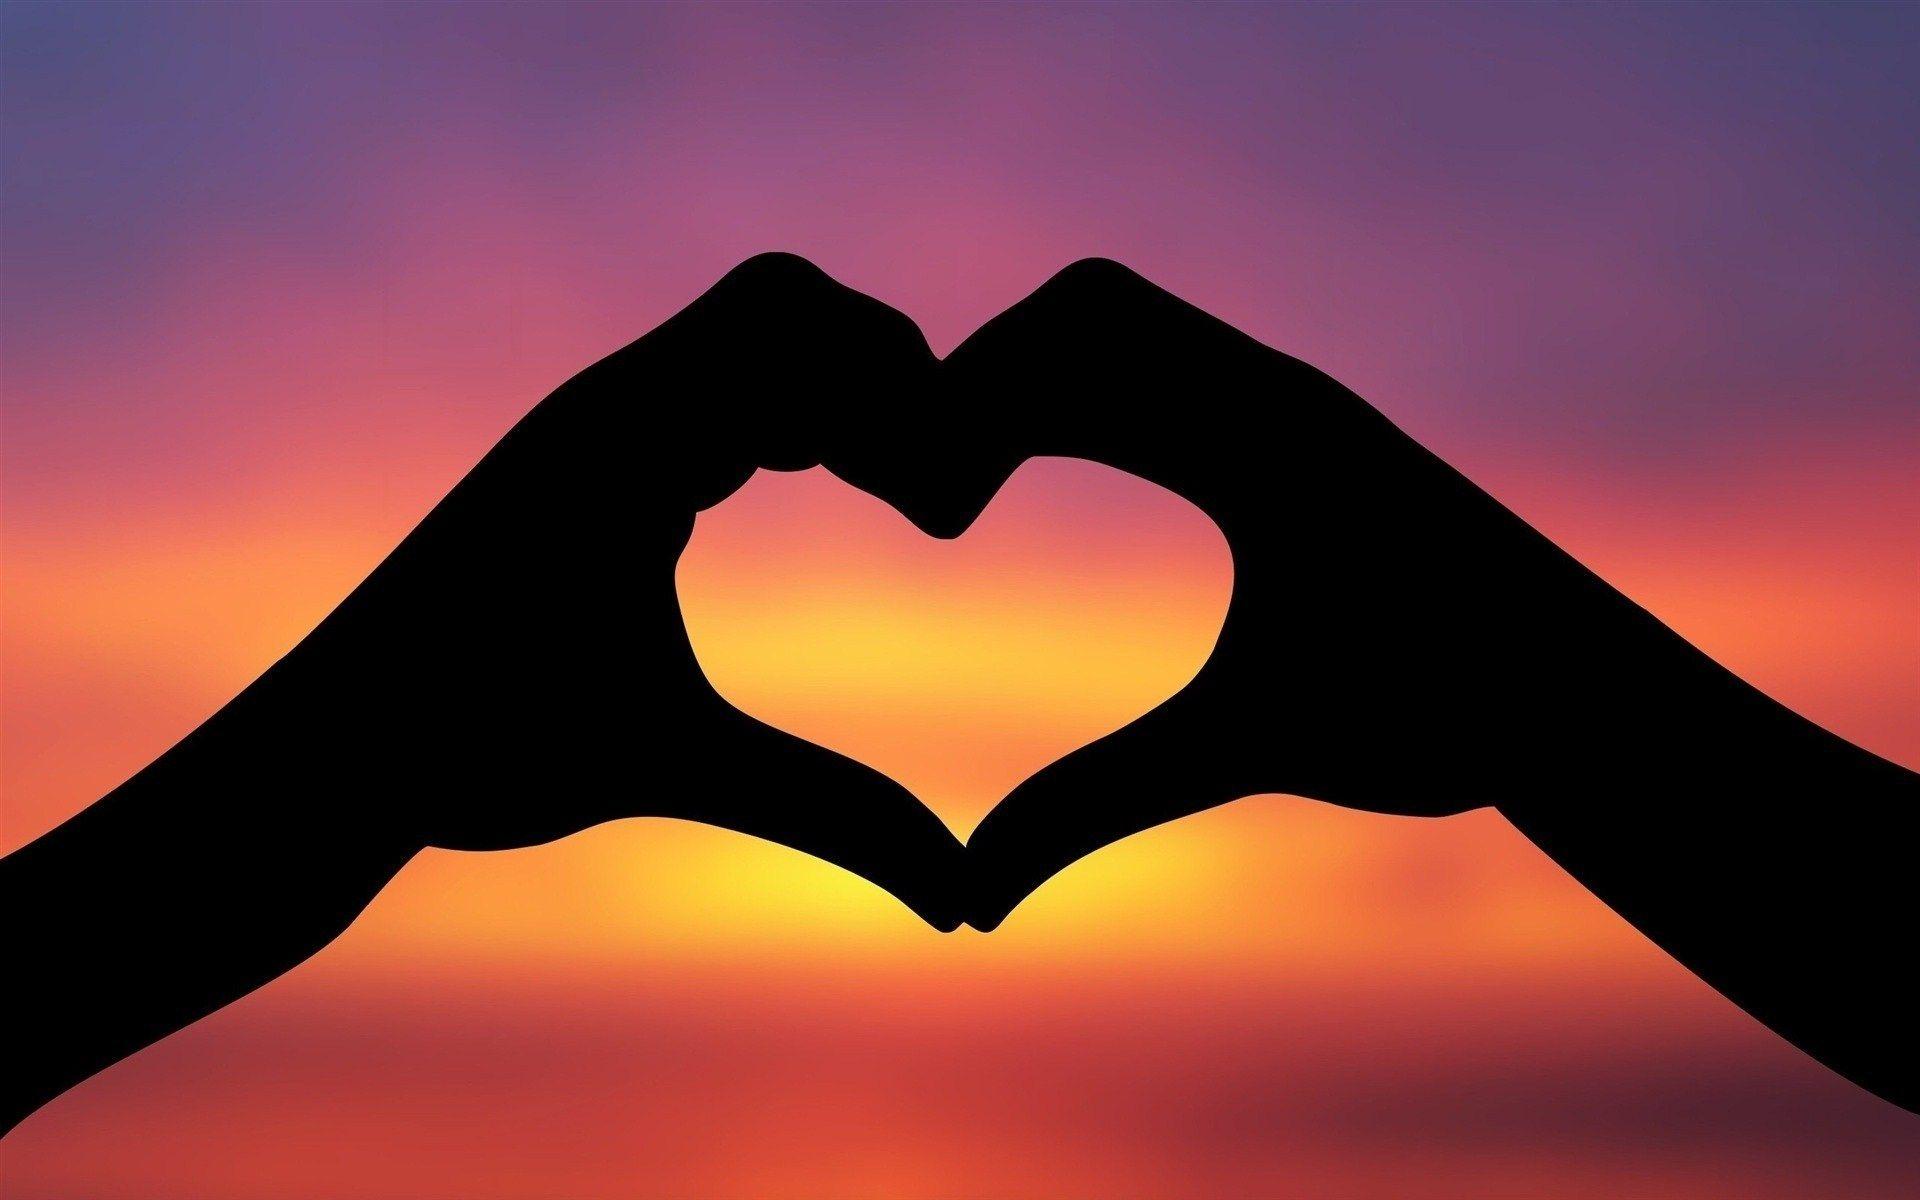 mãos, silhueta, amor, forma do coração, por do sol, hd wallpaper